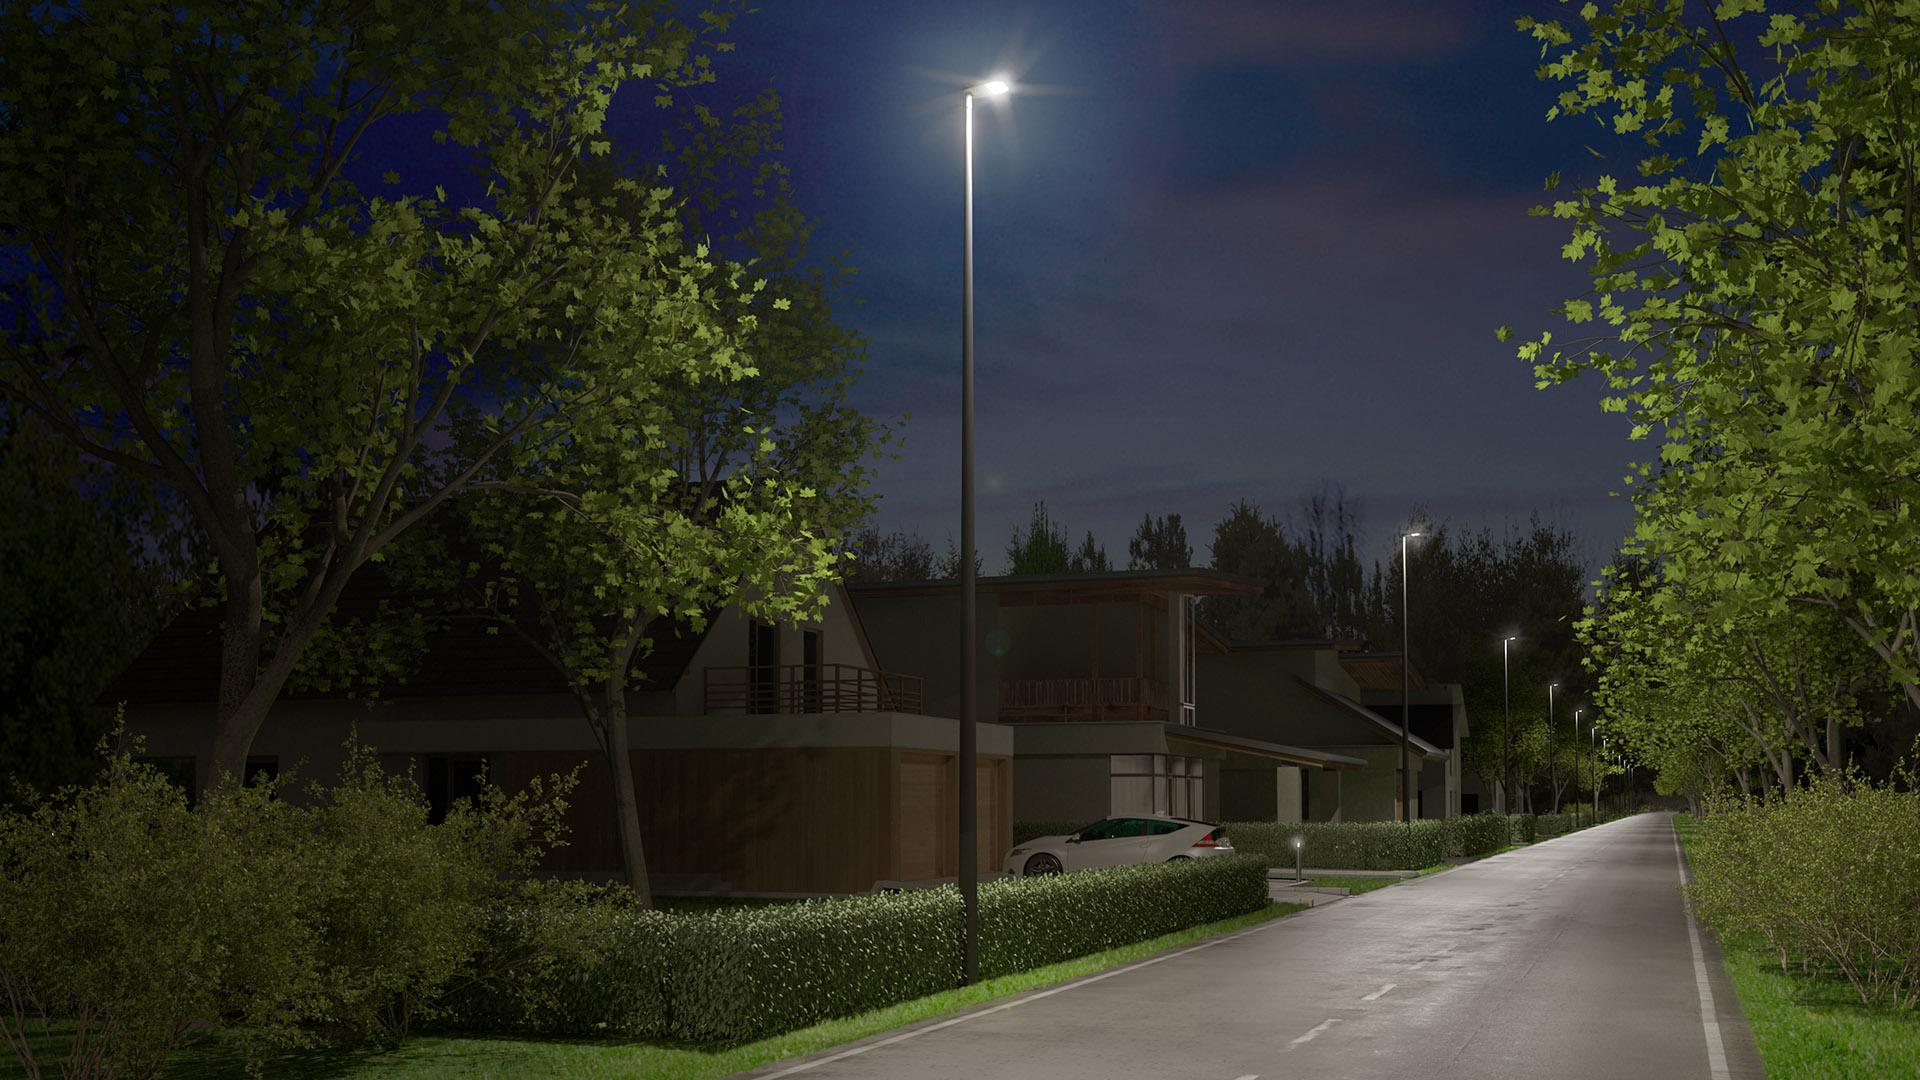 Vega S skapar moderna möjligheter för gatu- och områdesbelysning